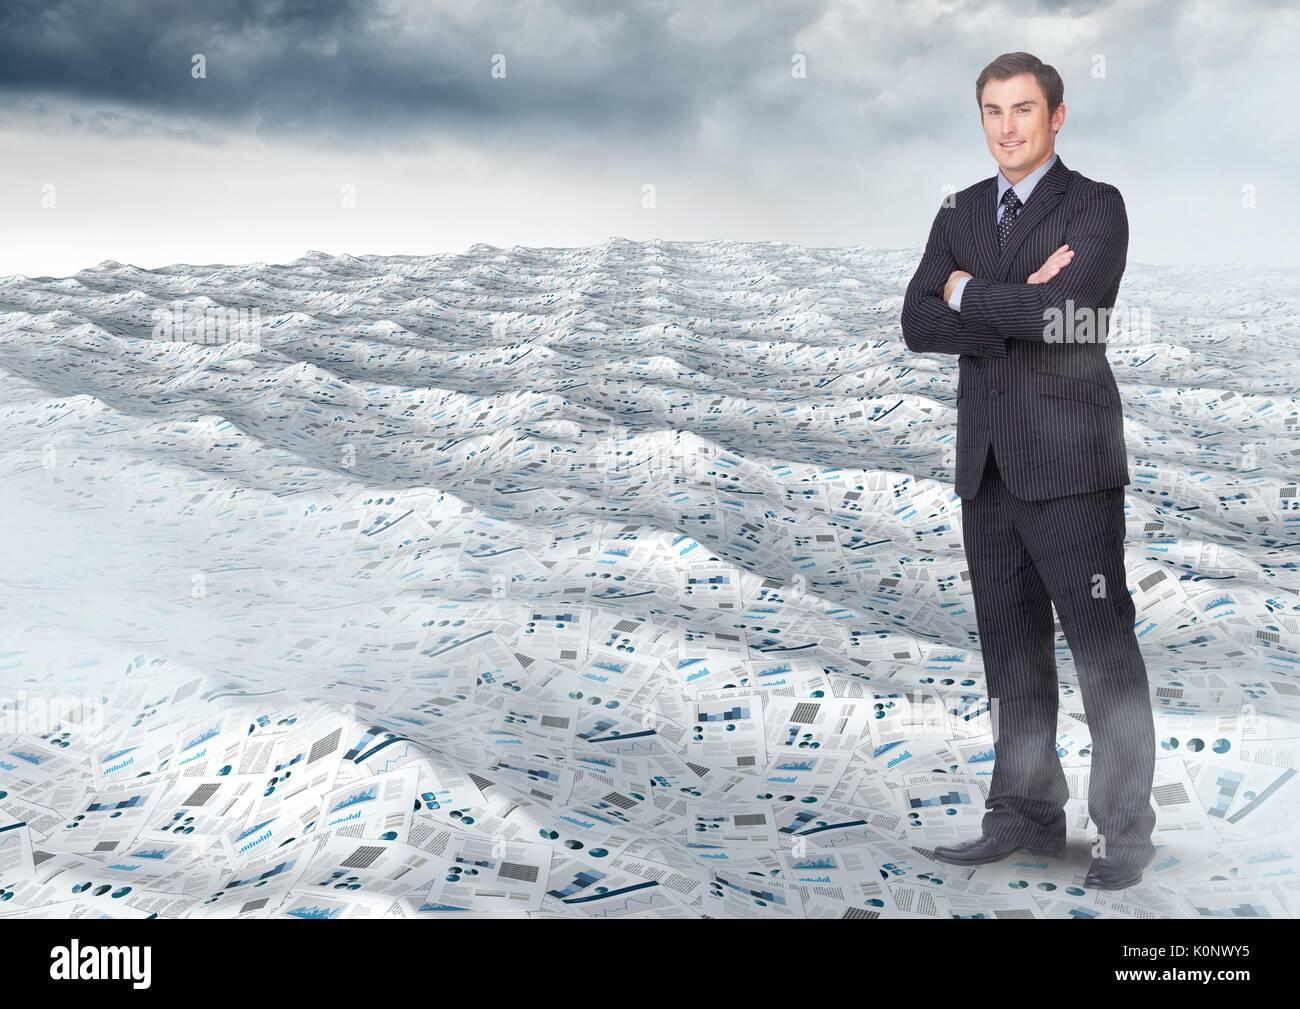 Digital composite der Geschäftsmann falten Arme im Meer von Dokumenten unter himmel wolken Stockbild